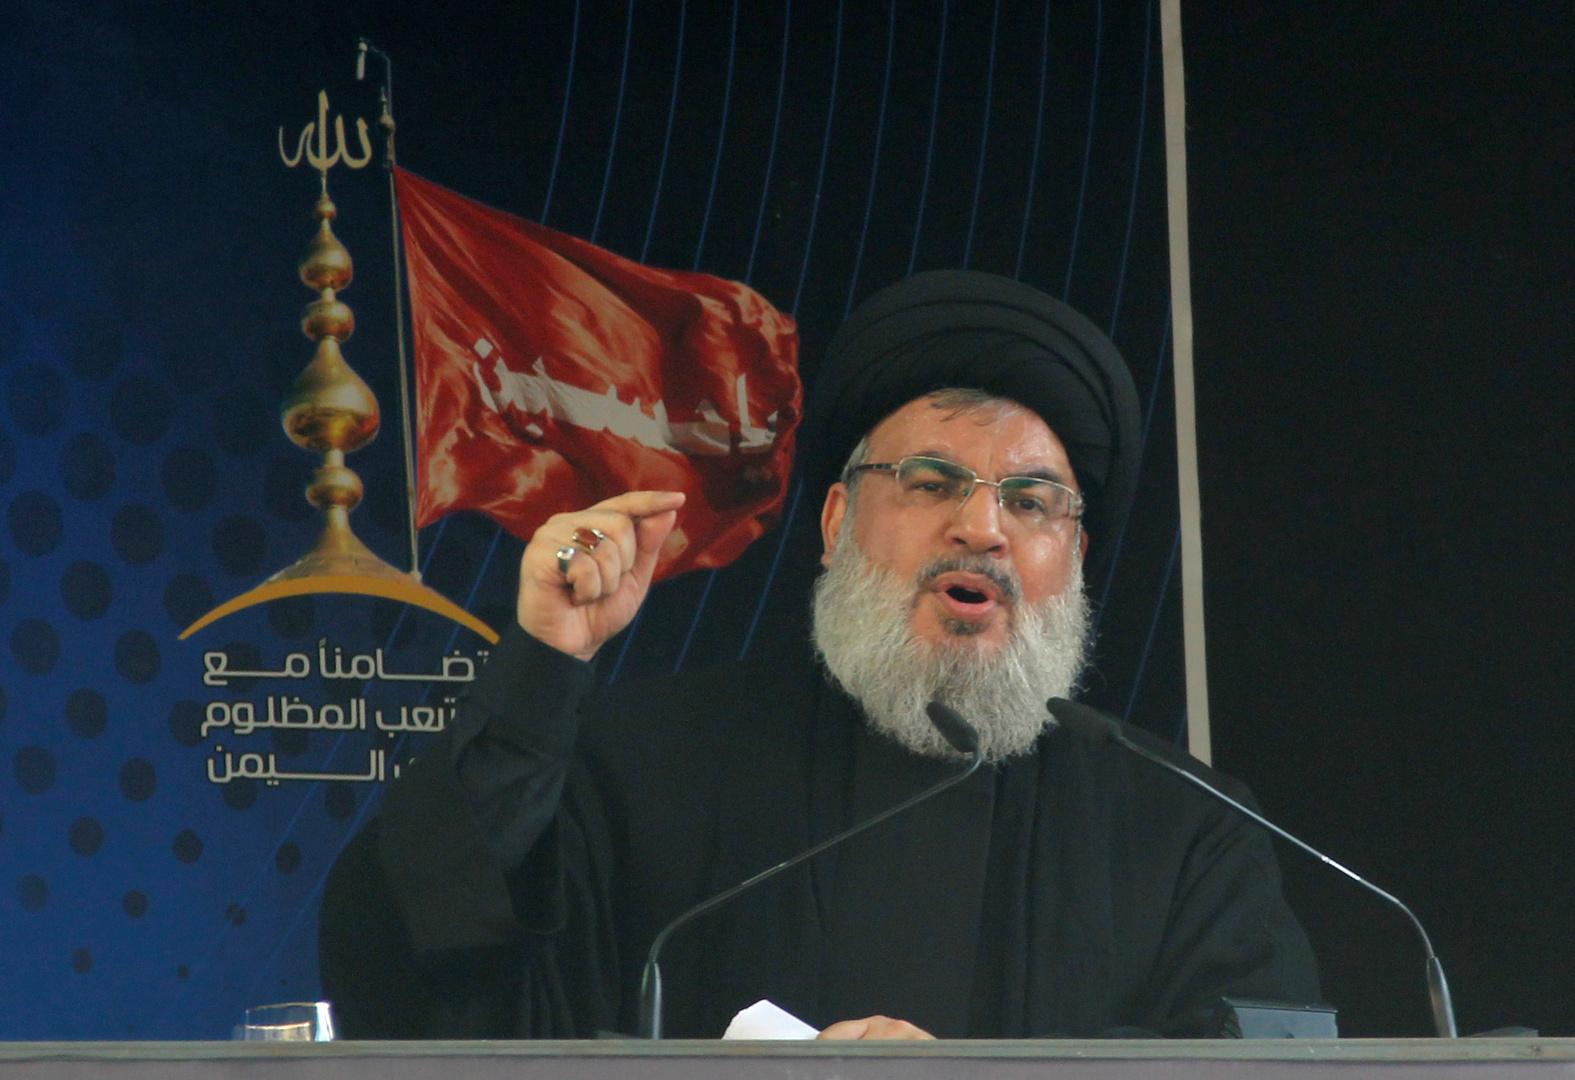 حسن نصر الله معلقا على أحداث خلدة: